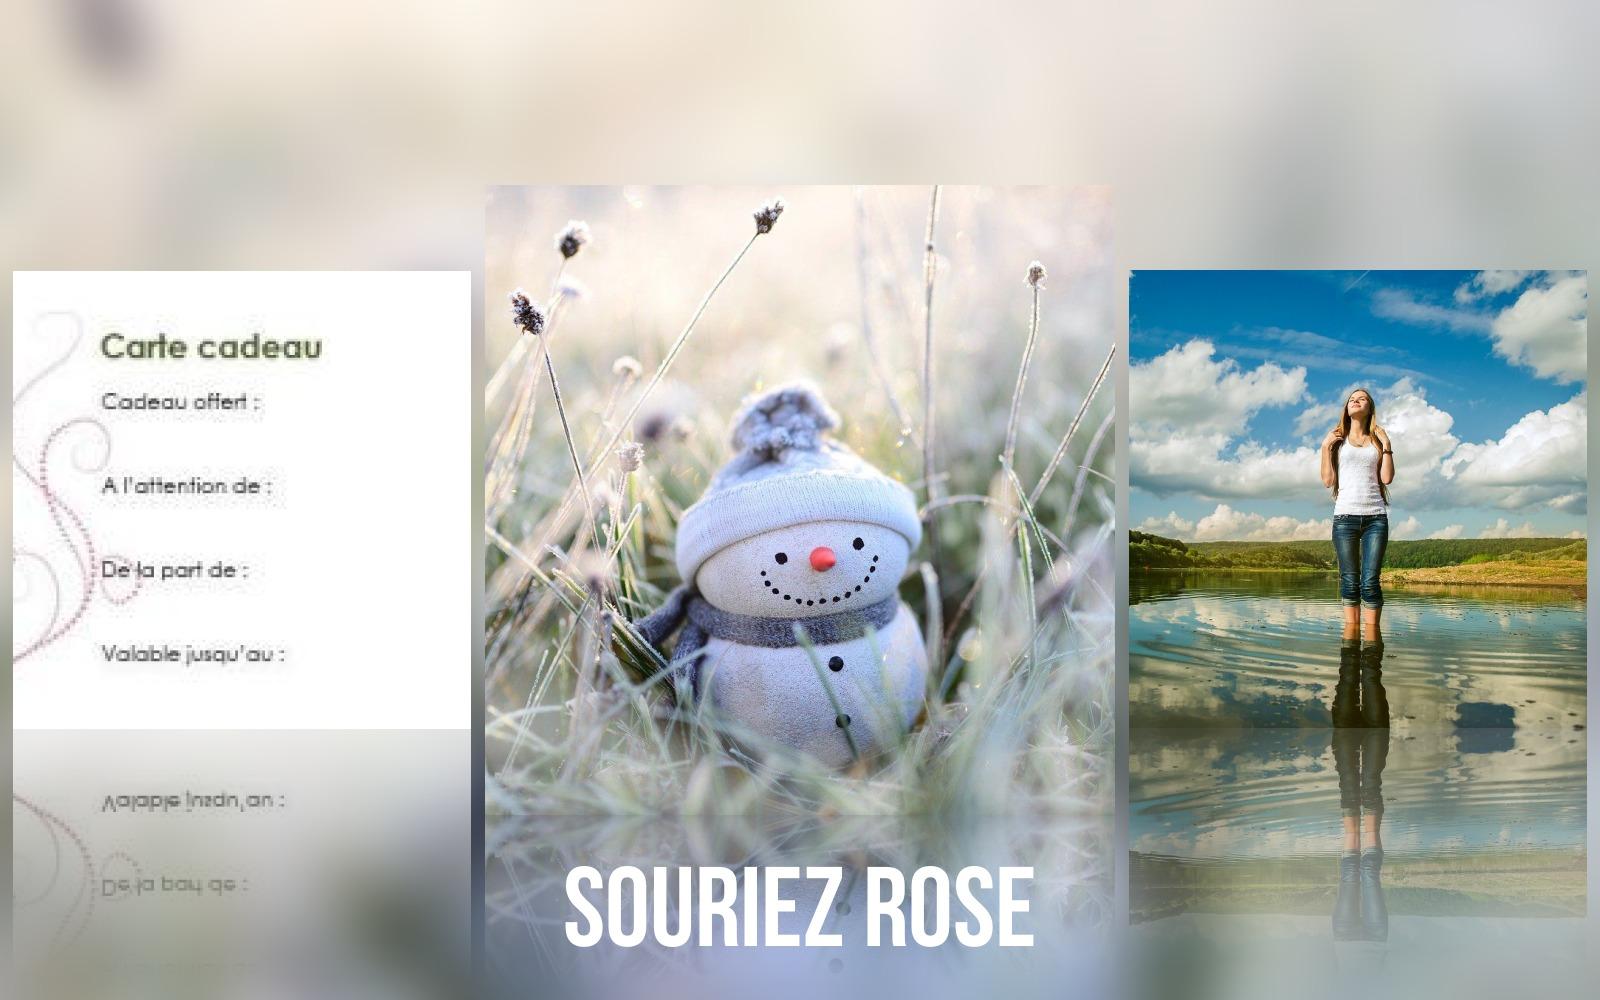 Carte cadeau à planter Souriez rose marché de noël virtuel de Souriez rose